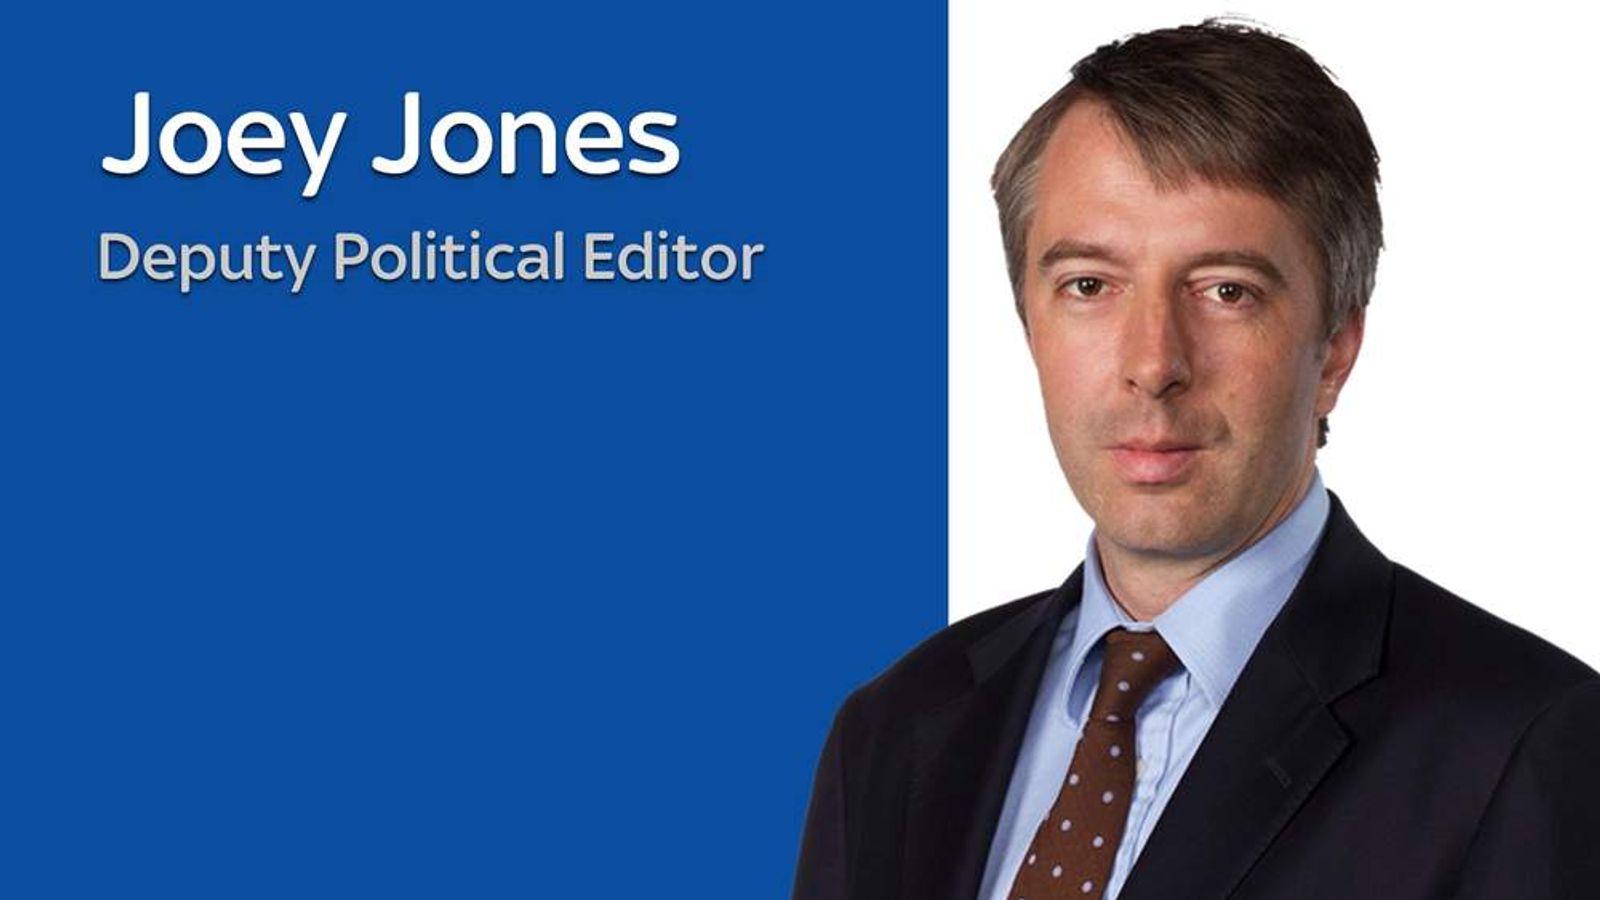 Joey Jones